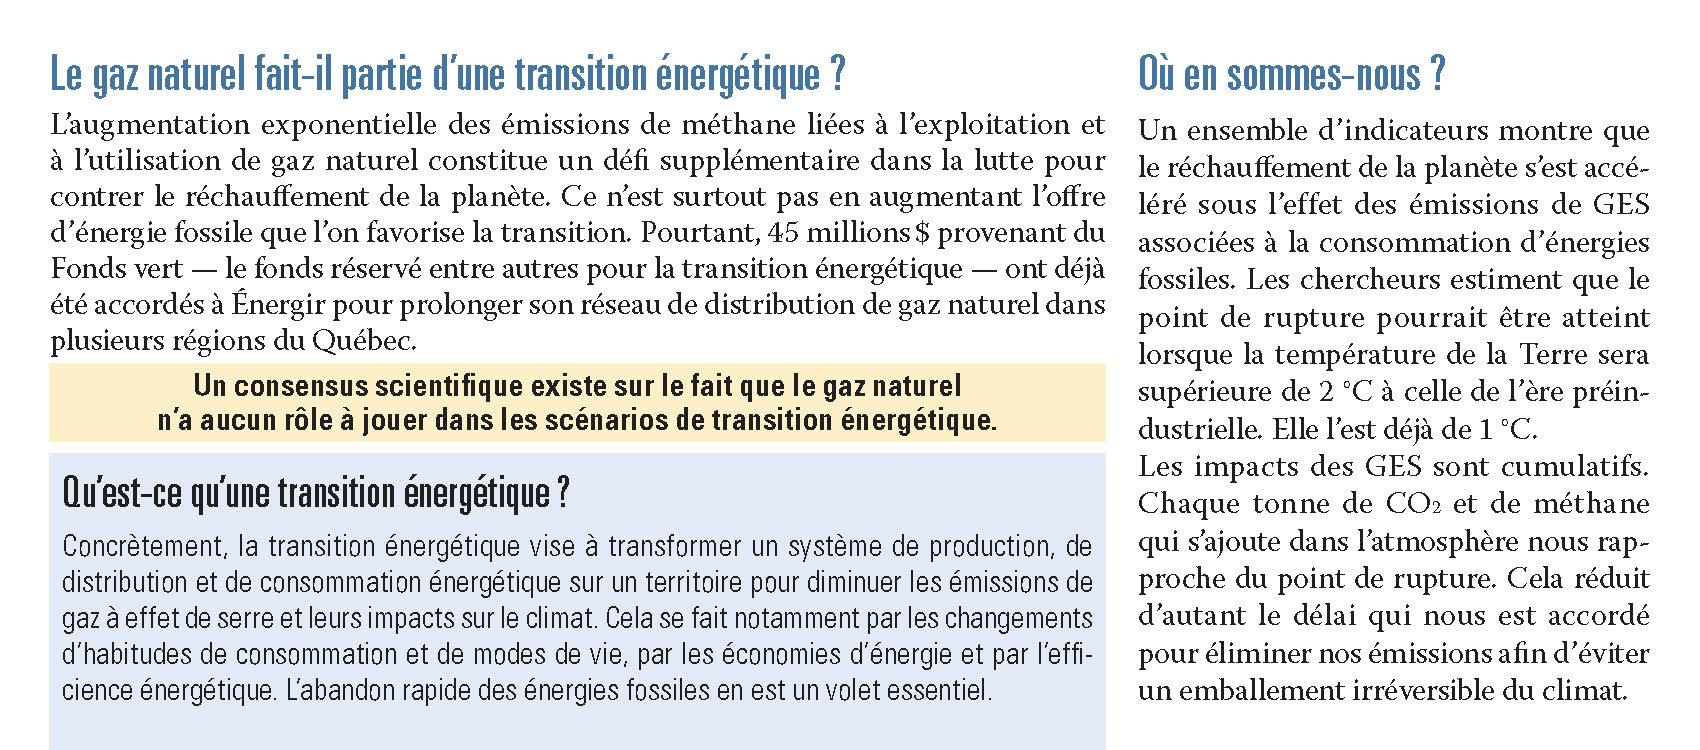 GazNaturel-Unebonneaffairepournous?_Brochure_MET_Page_4